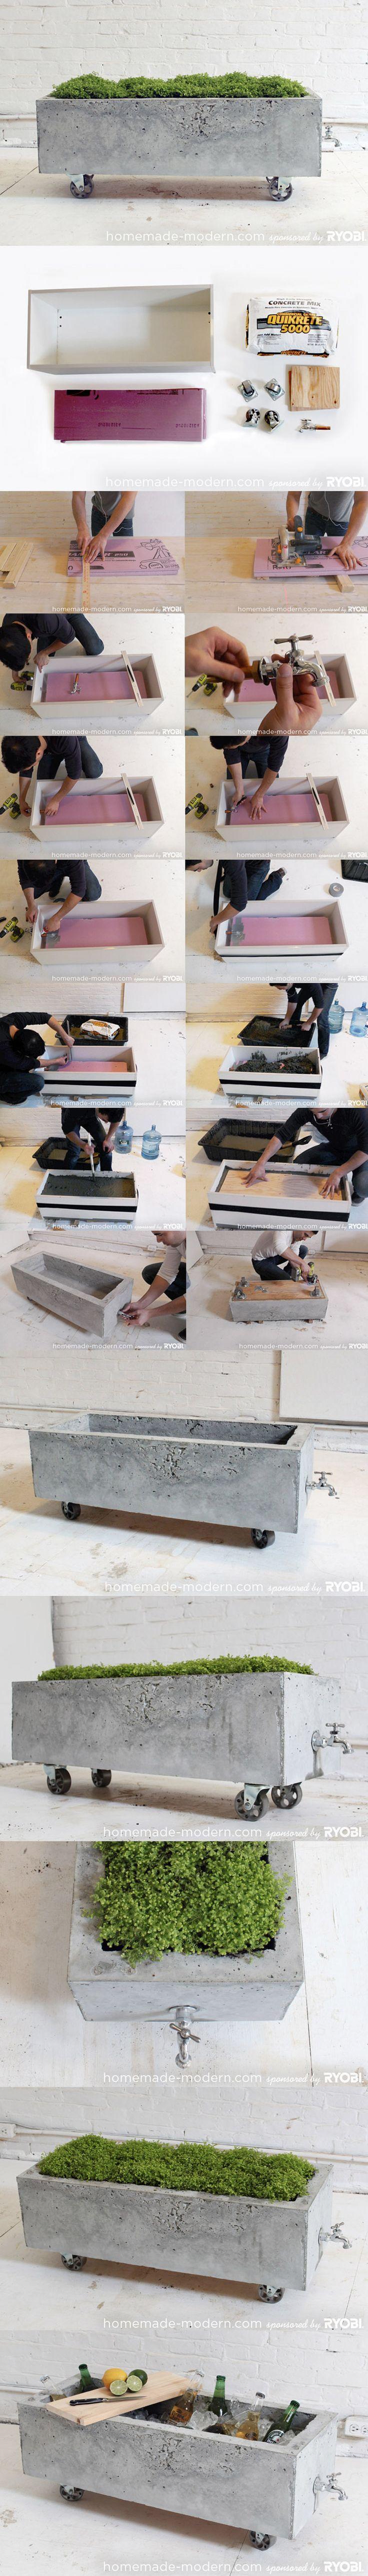 a2dc5a0f647af0197f4a908f3a9481b8--diy-concrete-planters-concrete-art Stilvolle Möbel Schaffrath Online Shop Dekorationen